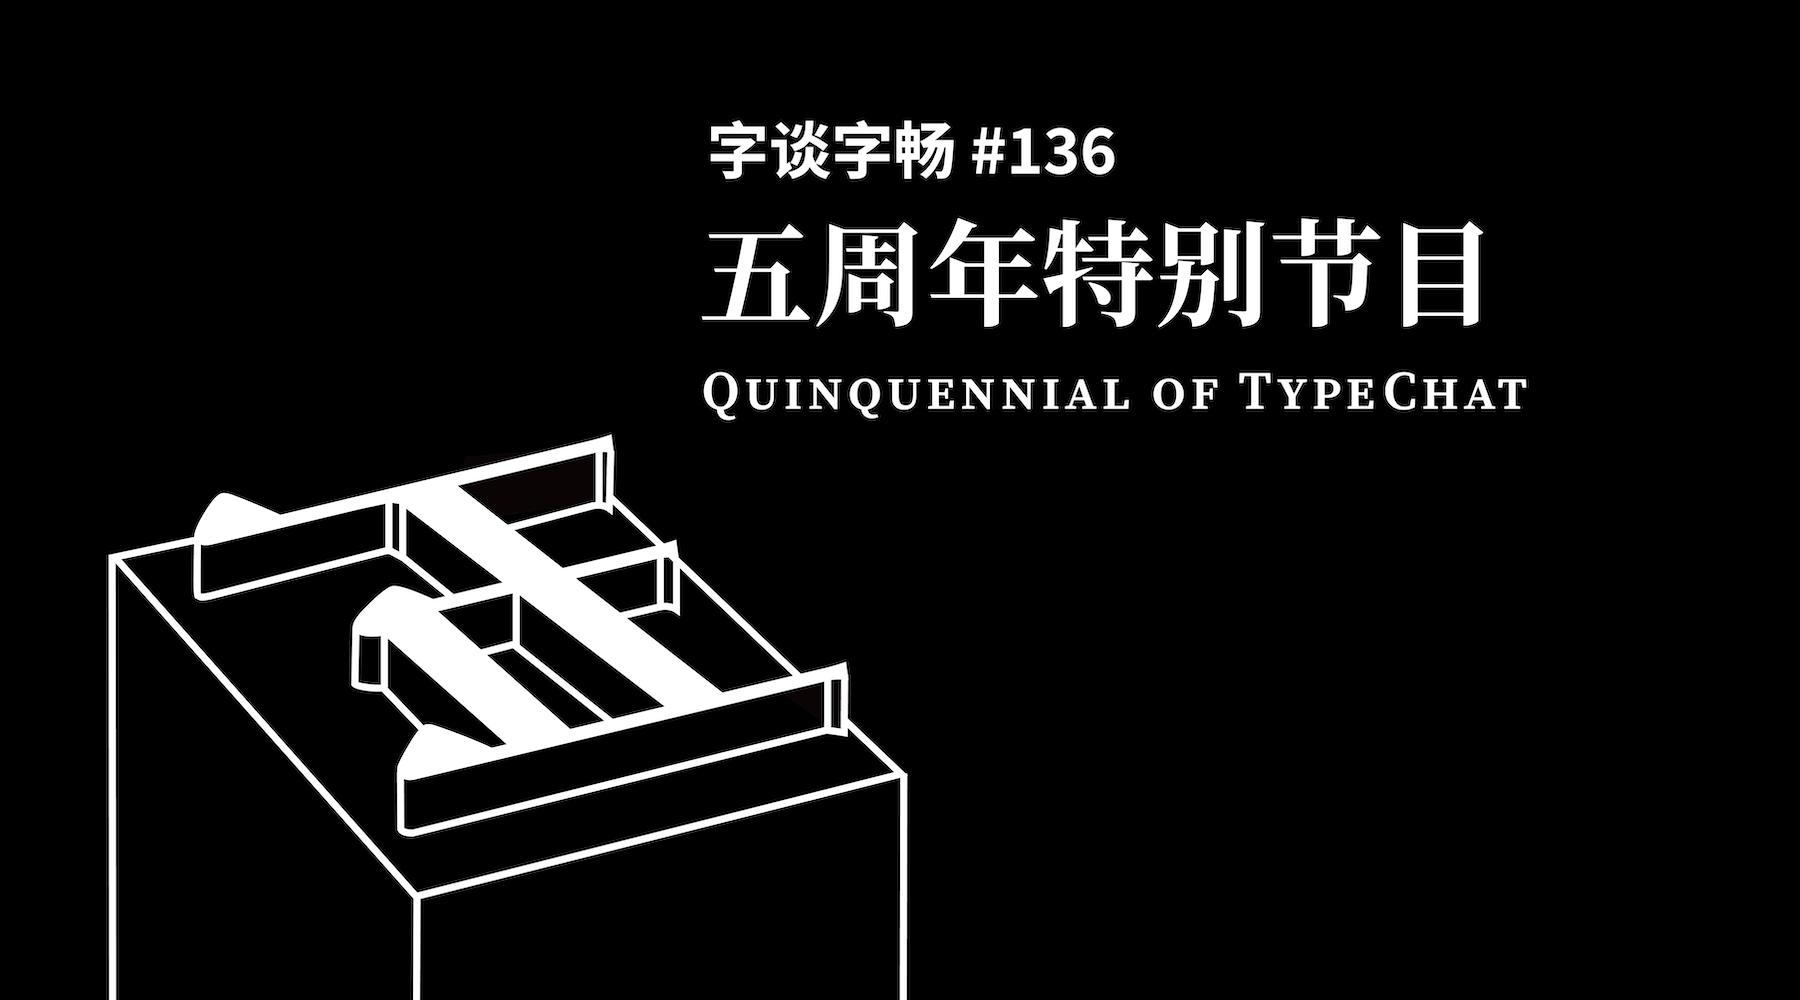 TypeChat #136